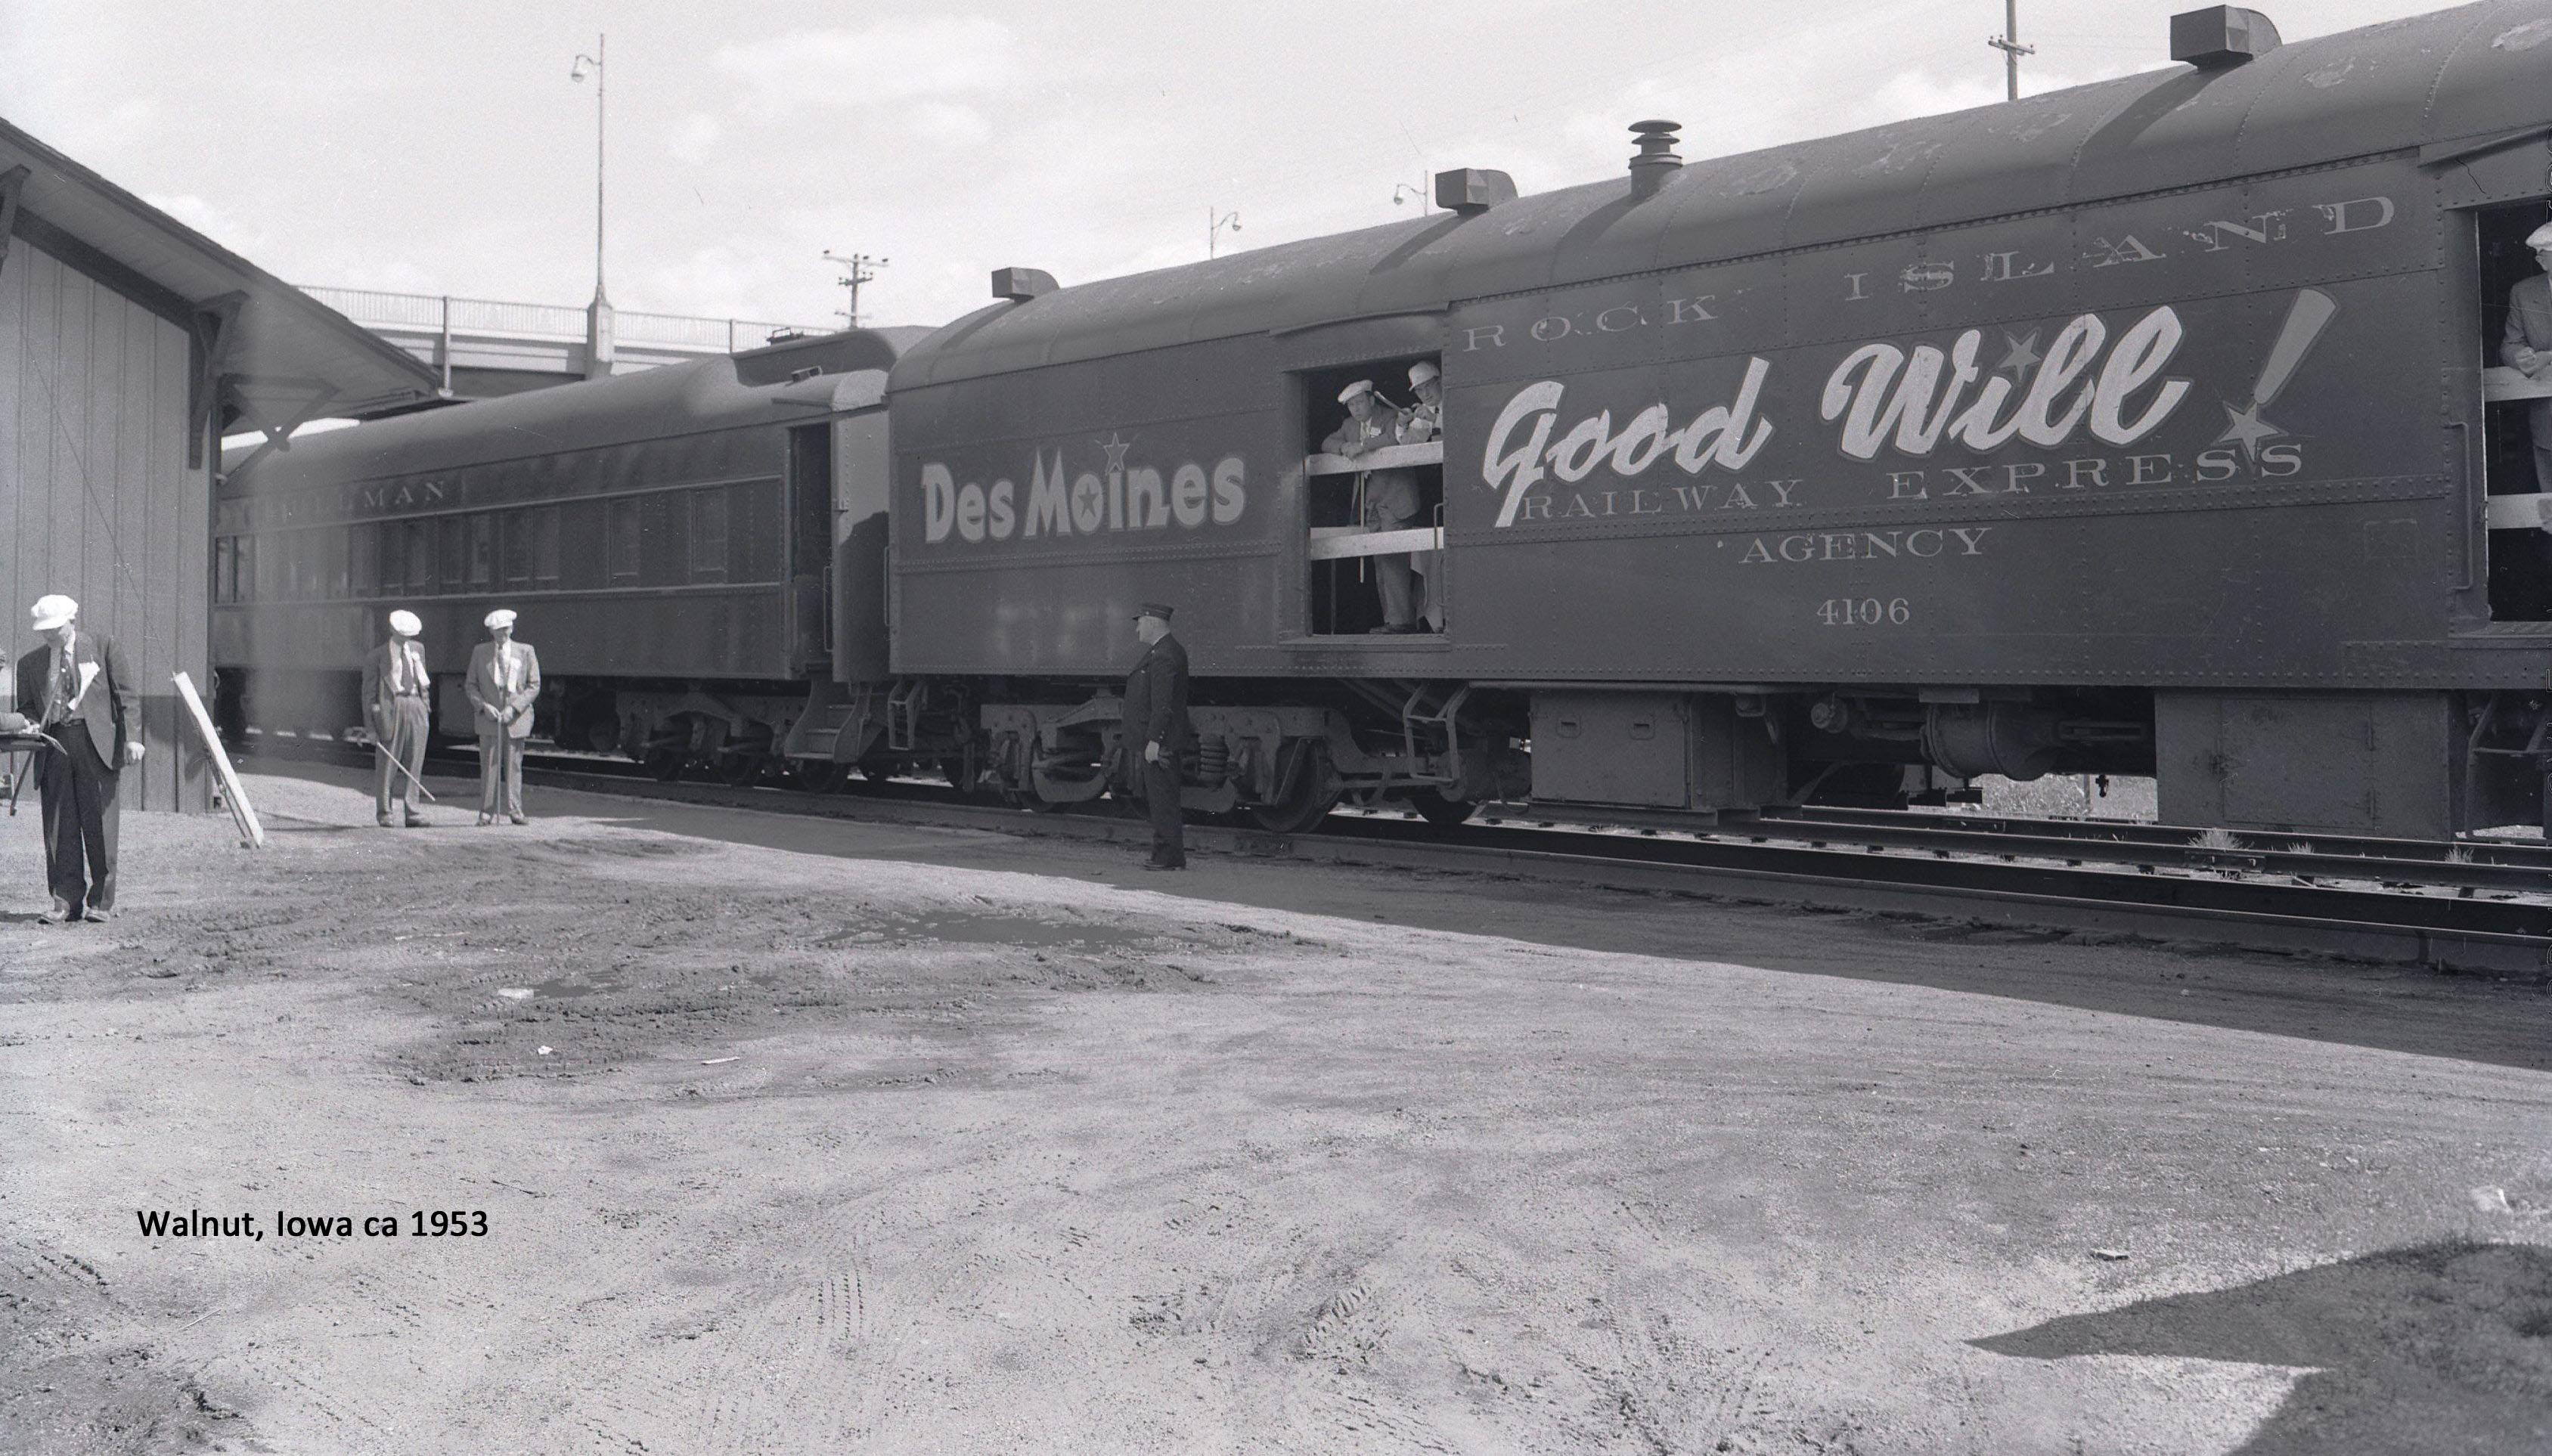 1953 Des Moines goodwill tour